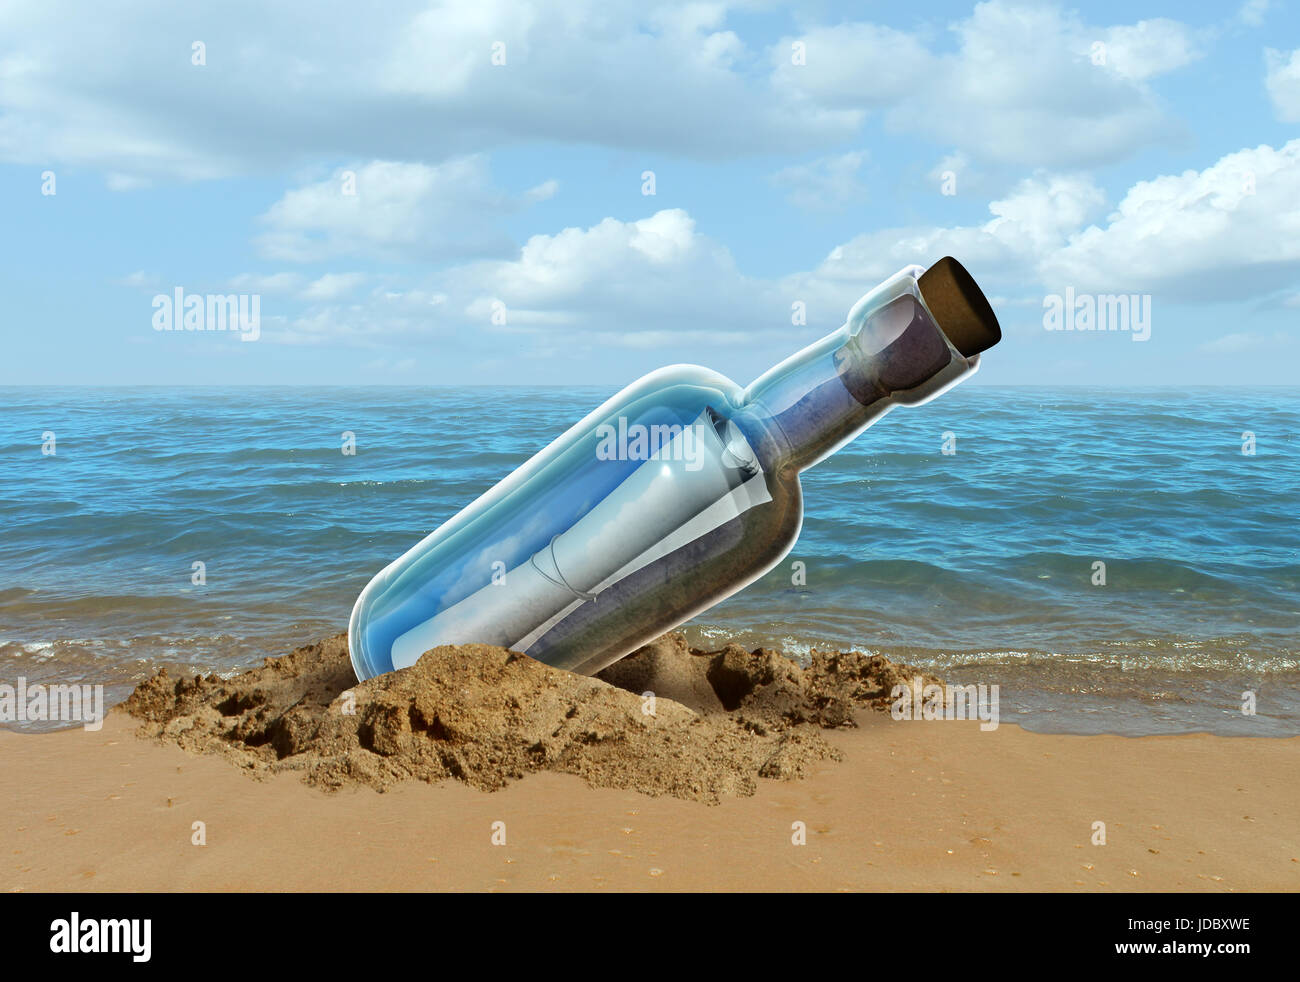 Mensaje en una botella concepto como una nota en un contenedor de vidrio sellado como una metáfora de comunicación Imagen De Stock